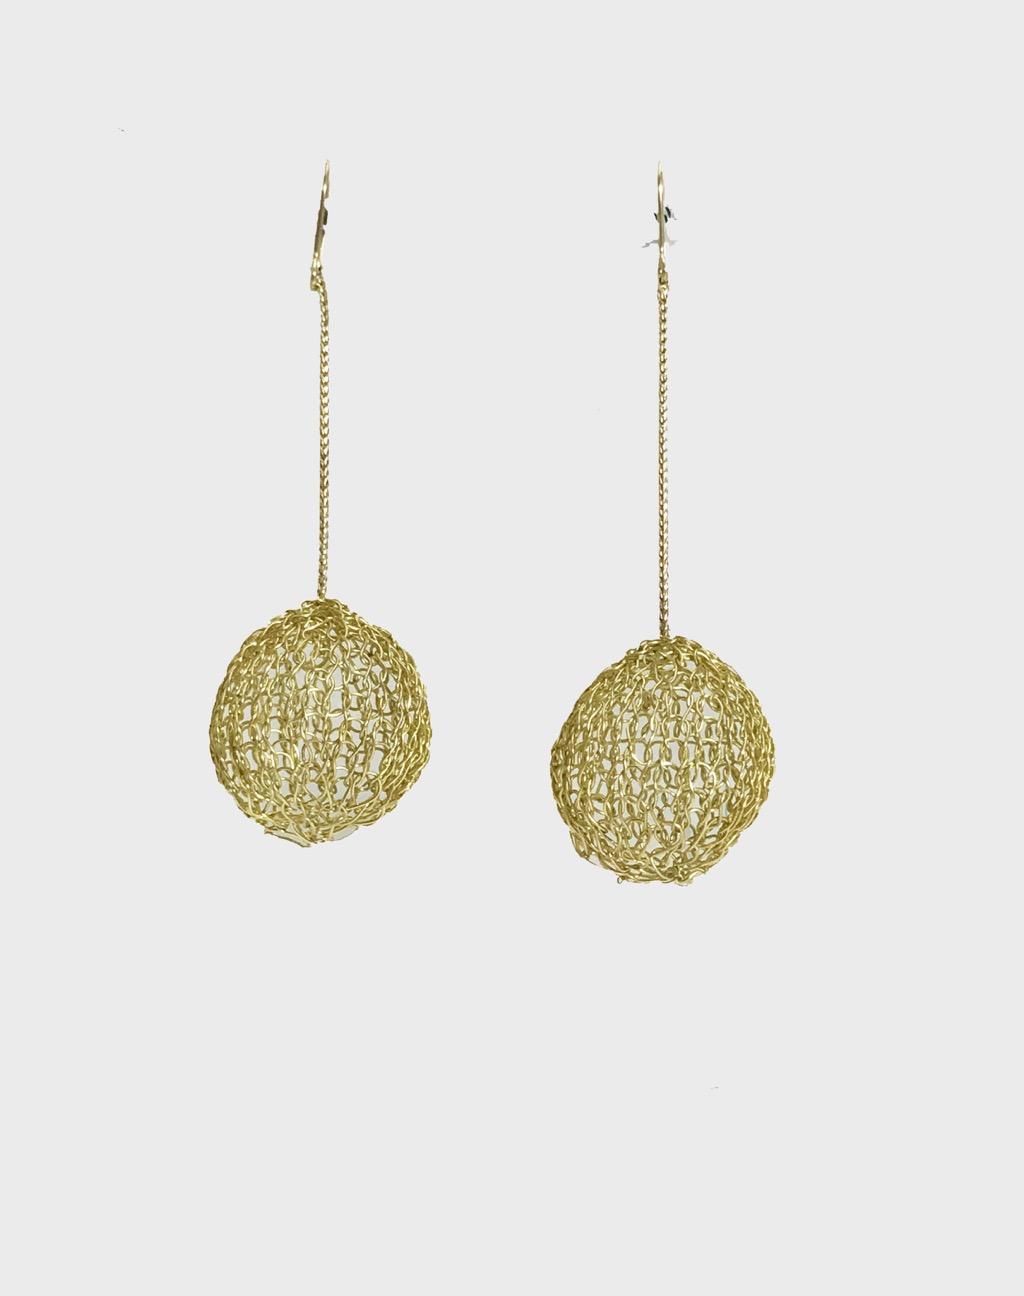 BehrensH_Earrings_GoldBubble.jpg